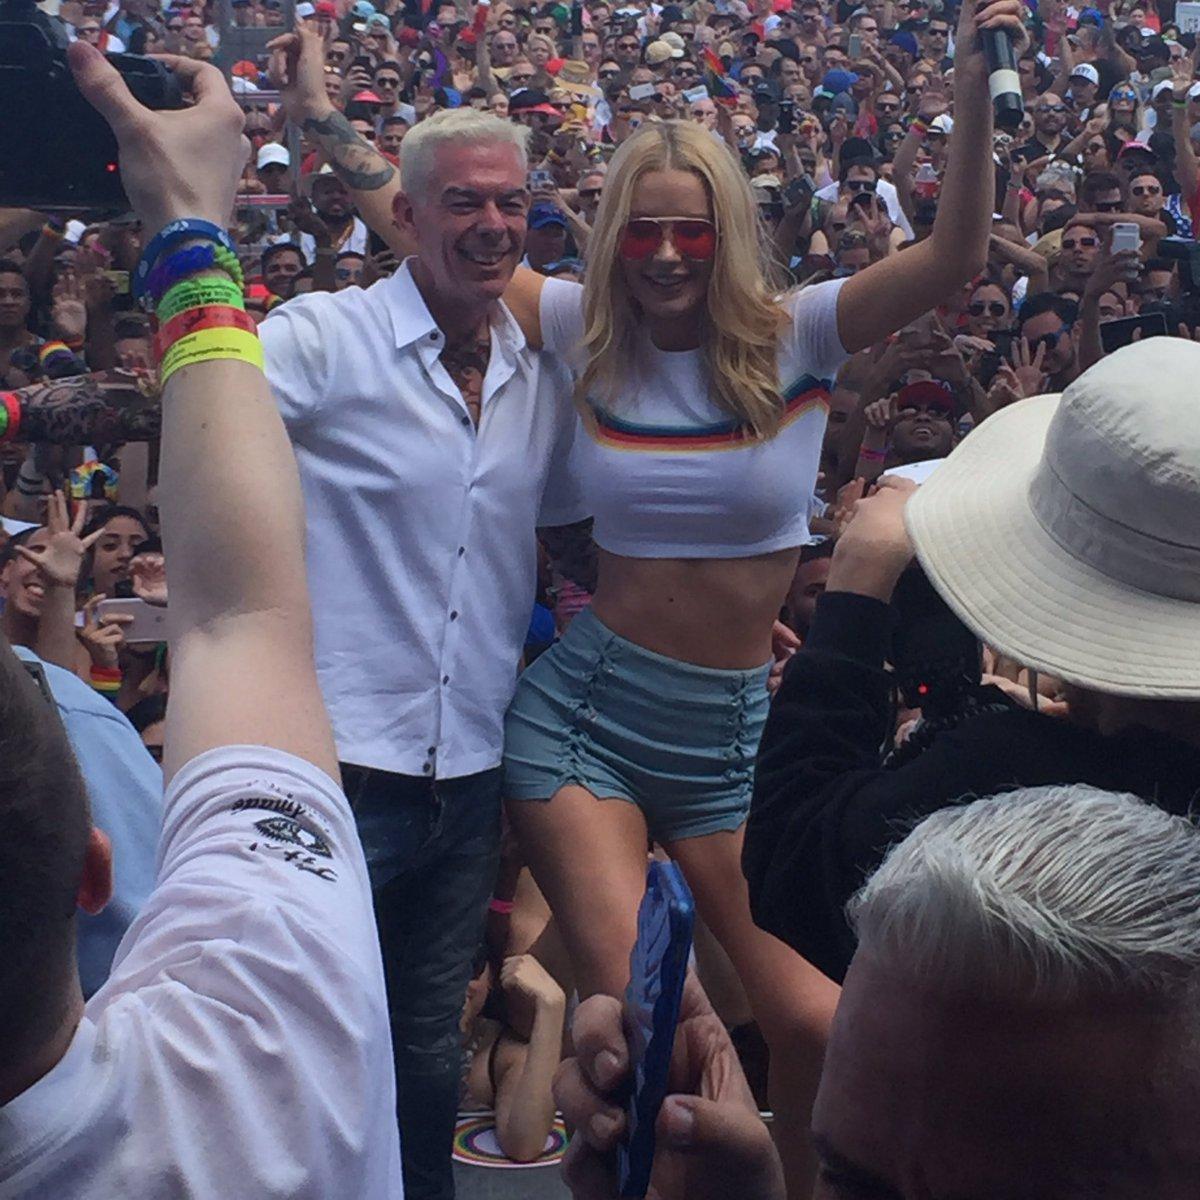 Partying onstage @MiamiBeachPride with @elvisduran & @IGGYAZALEA! #elvistakesmiami https://t.co/T5XWhwPMcy